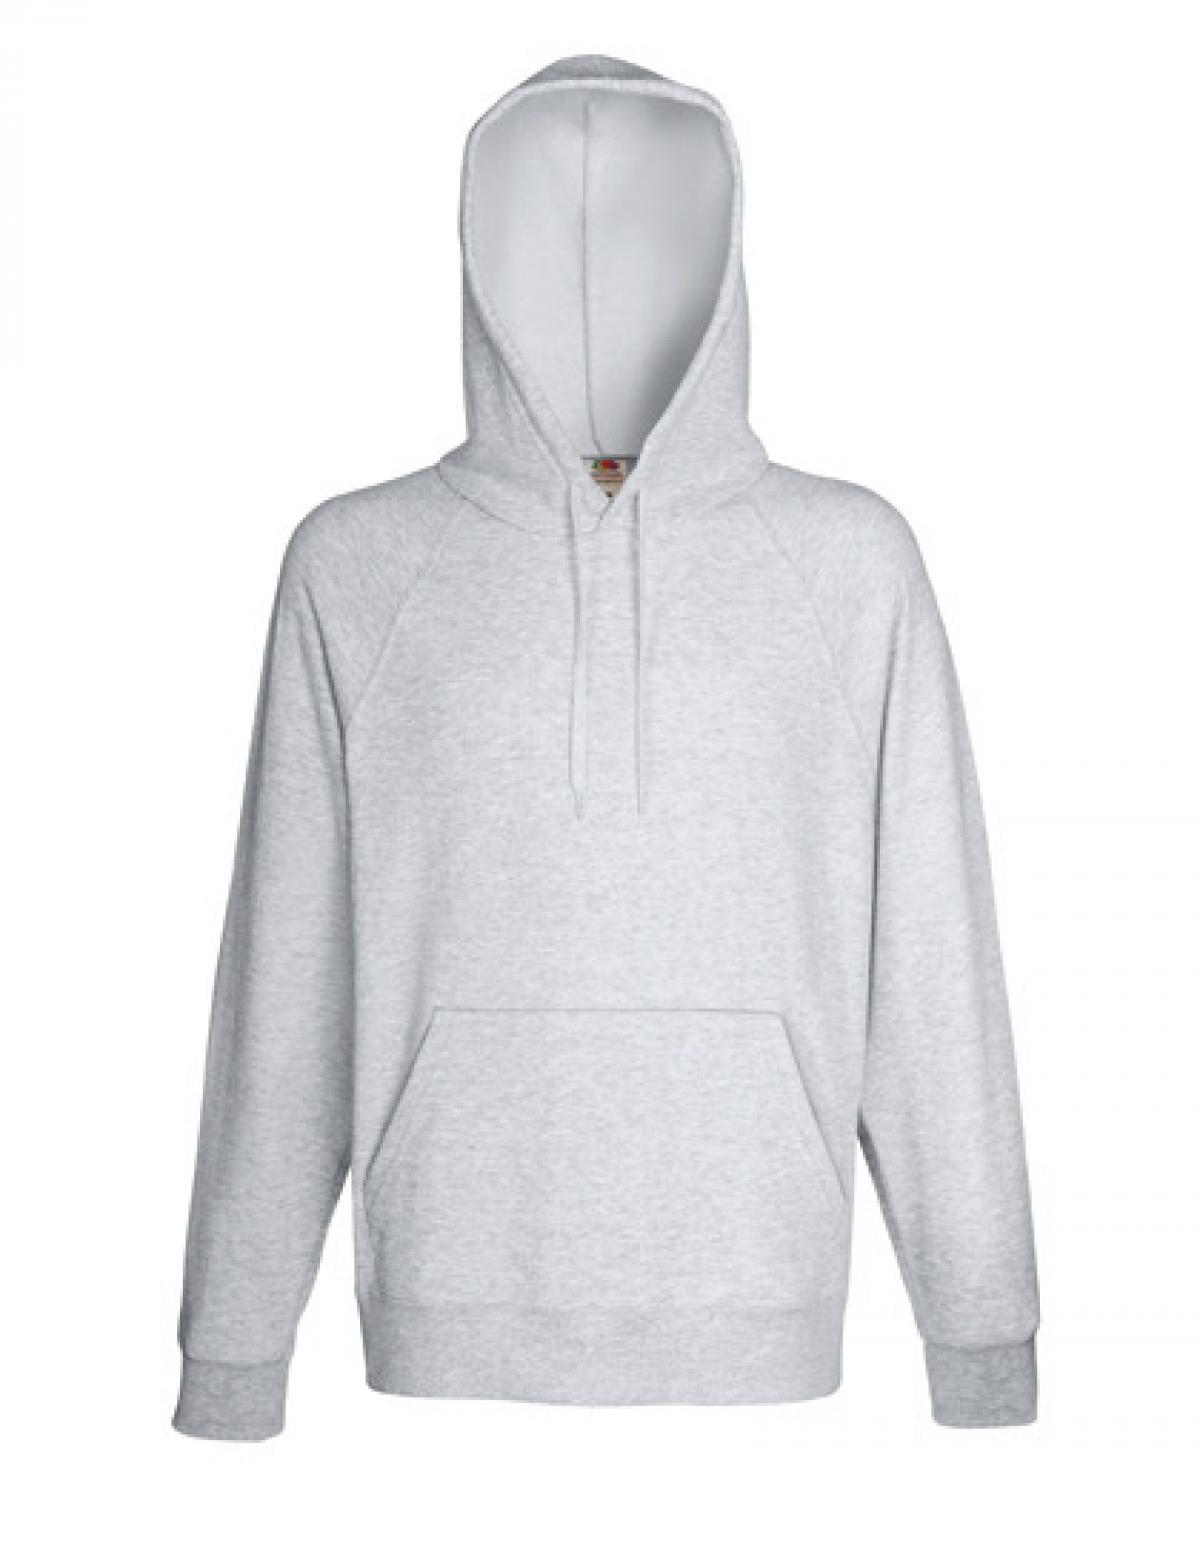 lightweight hooded herren sweatshirt mit kaputze rexlander s. Black Bedroom Furniture Sets. Home Design Ideas